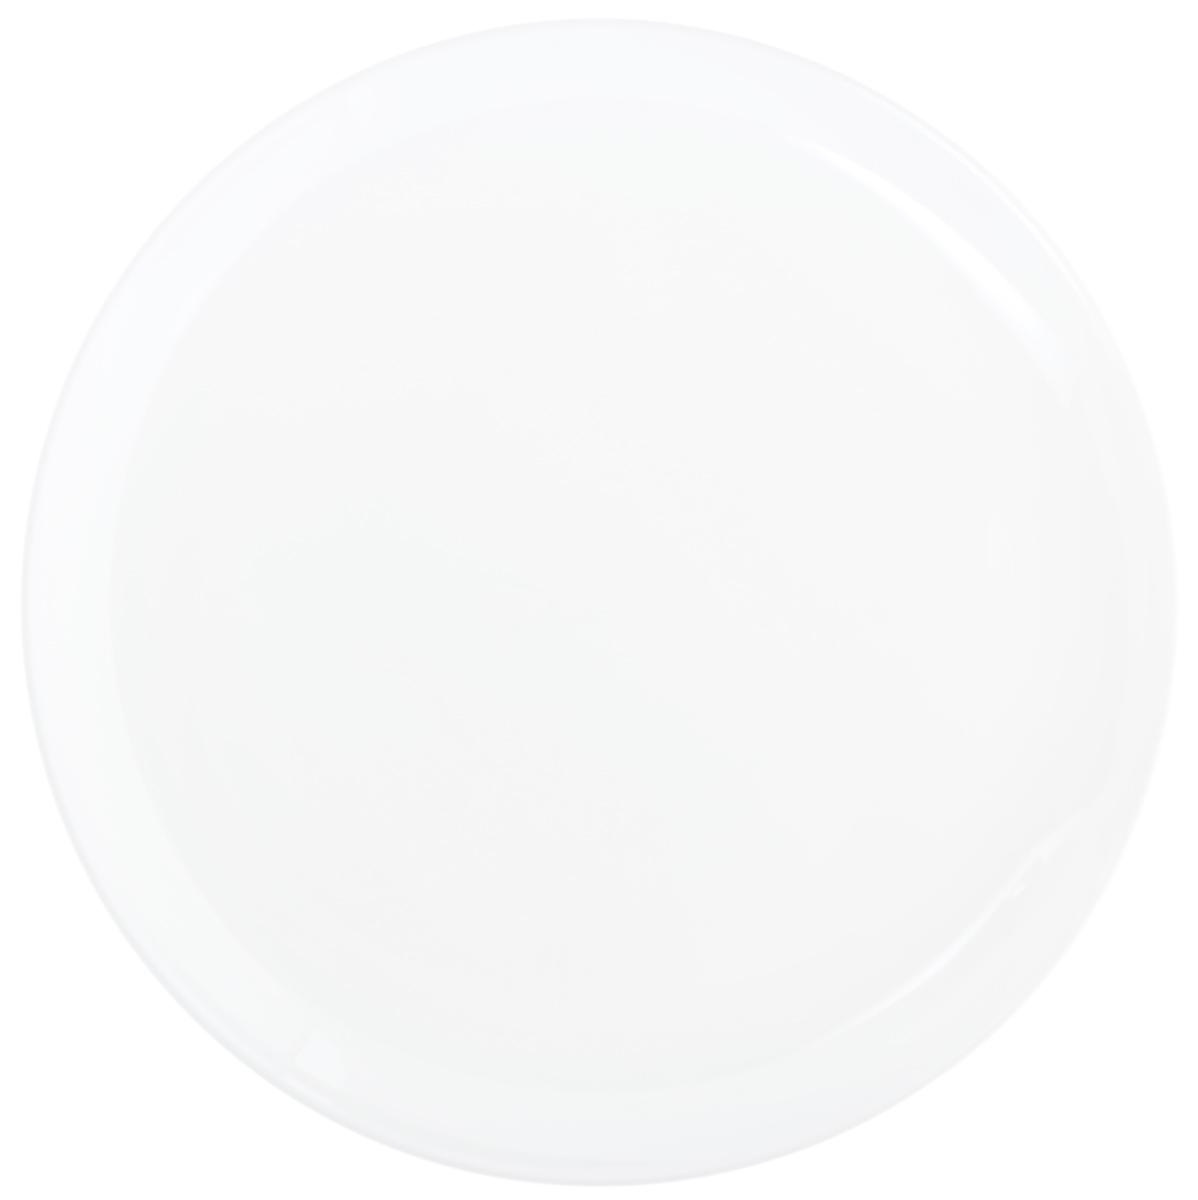 """Обеденная тарелка Luminarc """"Diwali"""", изготовленная  из высококачественного стекла,  имеет изысканный внешний вид. Лаконичный дизайн  придется по вкусу и ценителям  классики, и тем, кто предпочитает утонченность.  Тарелка Luminarc """"Diwali"""" идеально подойдет для  сервировки стола и станет отличным подарком к  любому празднику.   Диаметр (по верхнему краю): 25 см."""